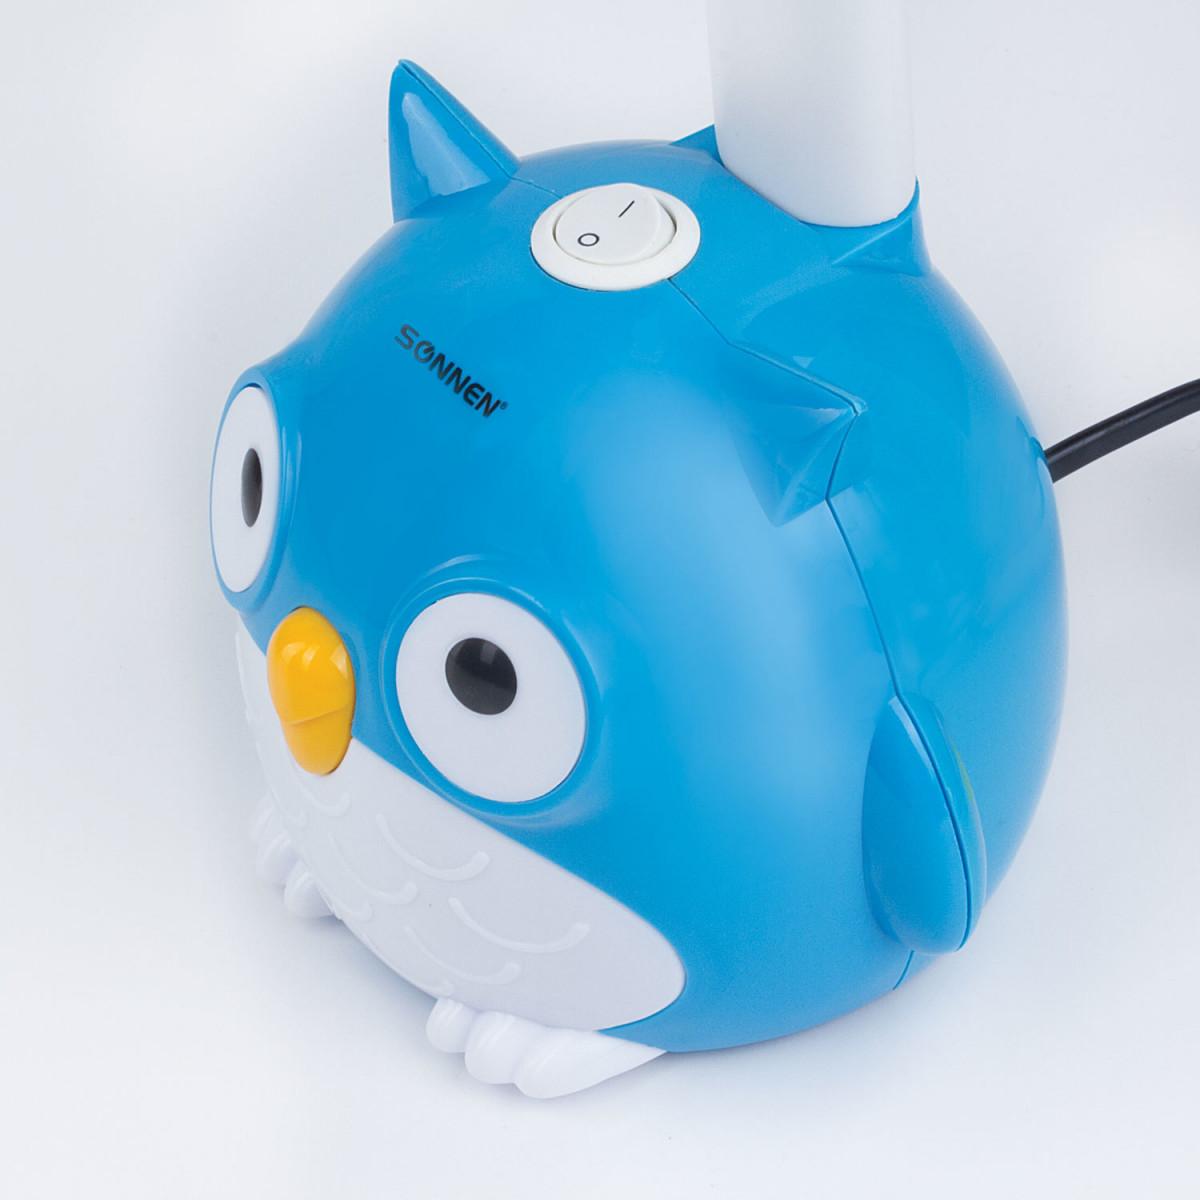 """Светильник настольный SONNEN OU-603, на подставке, цоколь Е27, """"Сова"""", синий, 236674 (арт. 236674)"""